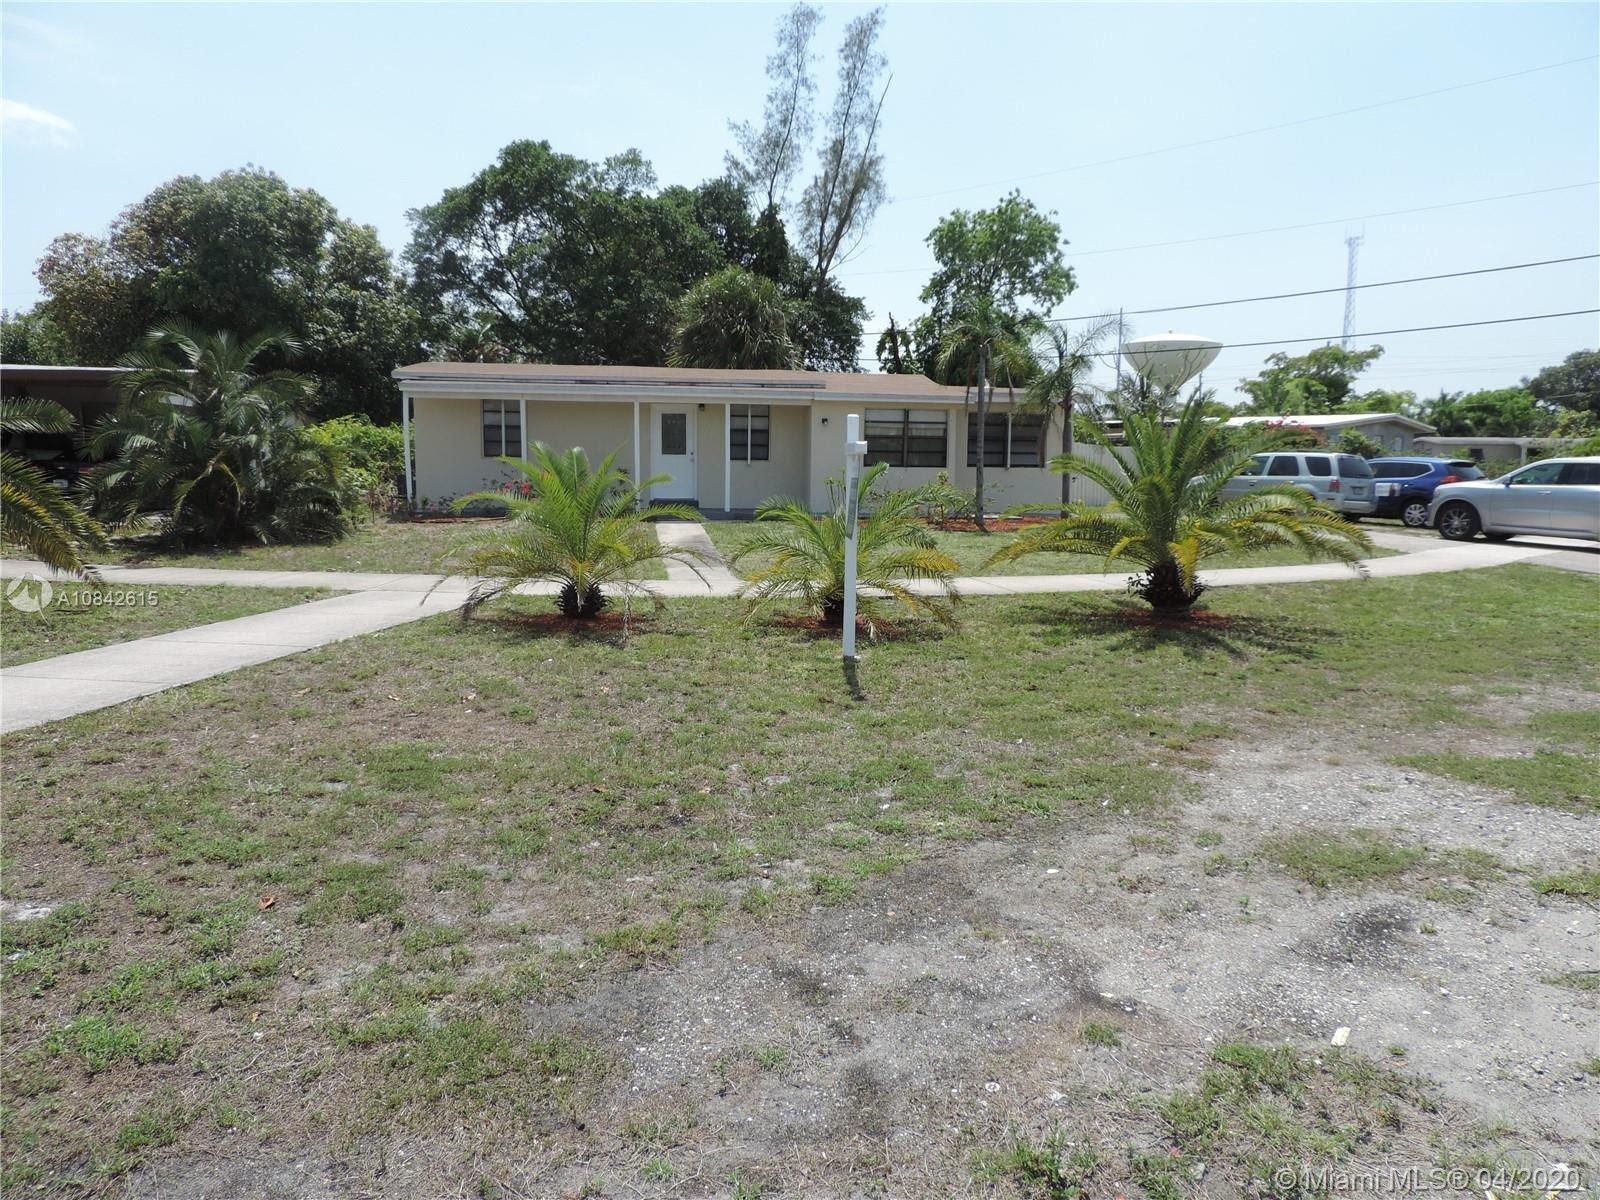 1490 NE 51st St Pompano Beach, FL 33064, USA